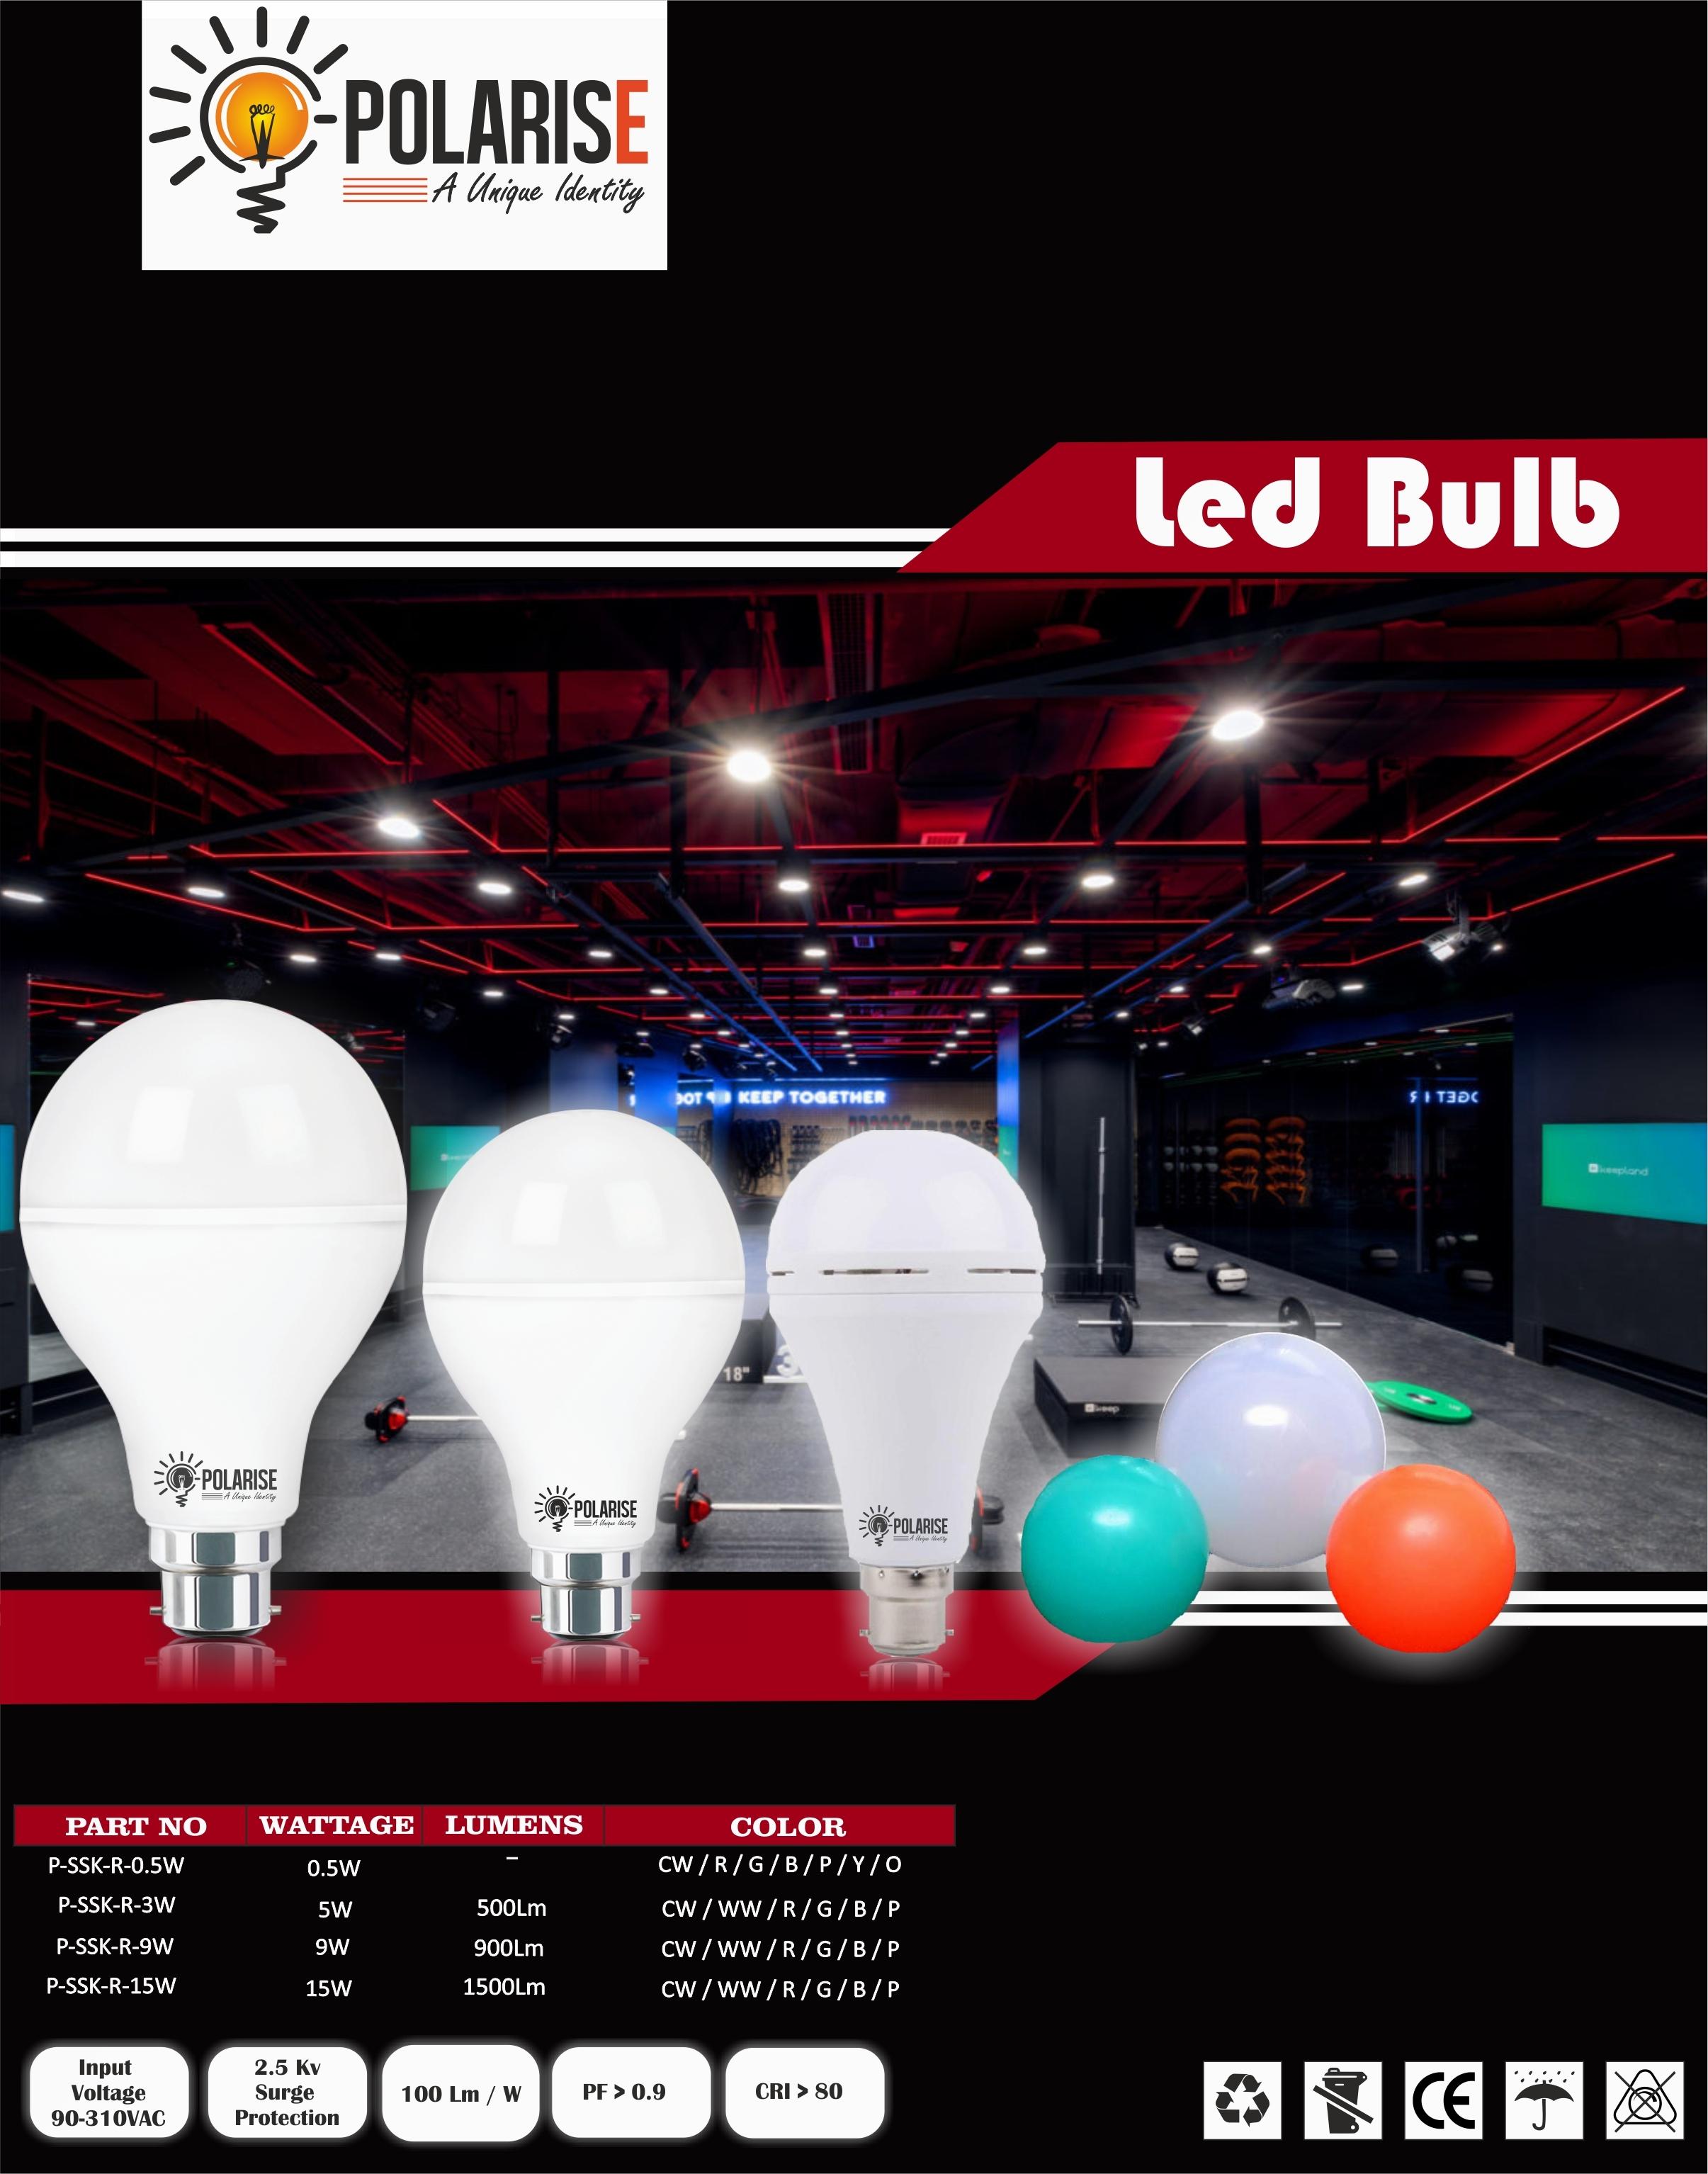 30W High Wattage Led Bulb